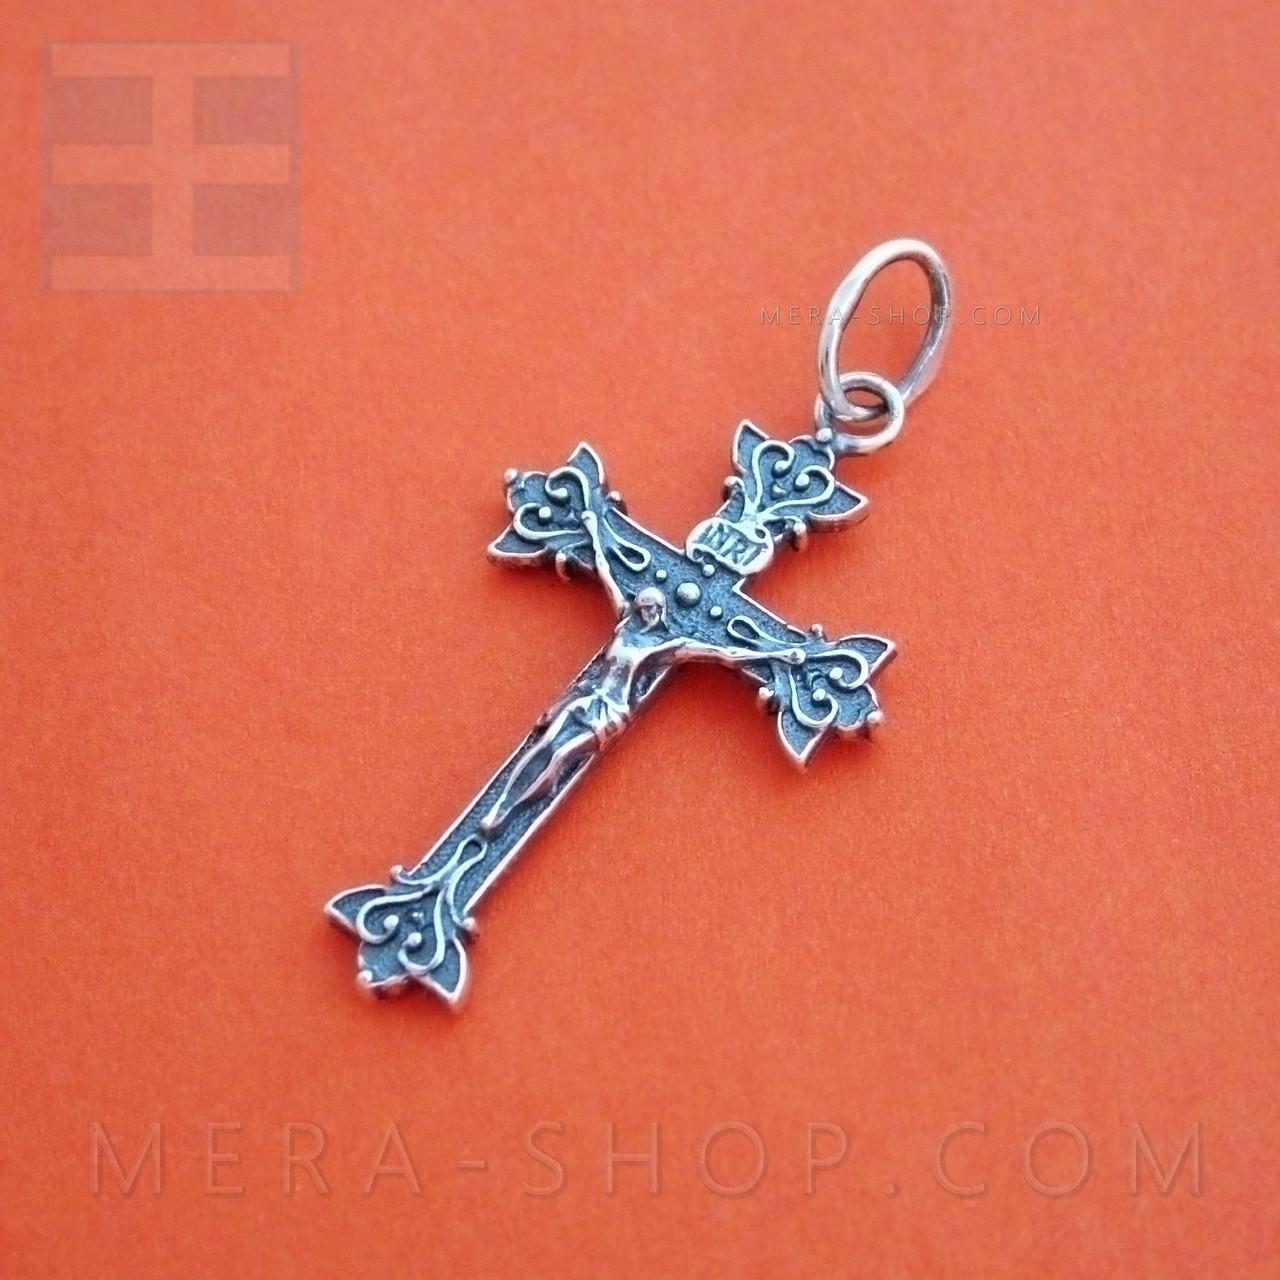 Крест серебряный католический, нательный крестик из серебра 925 пробы (42 х 20 мм, 2.6 г)